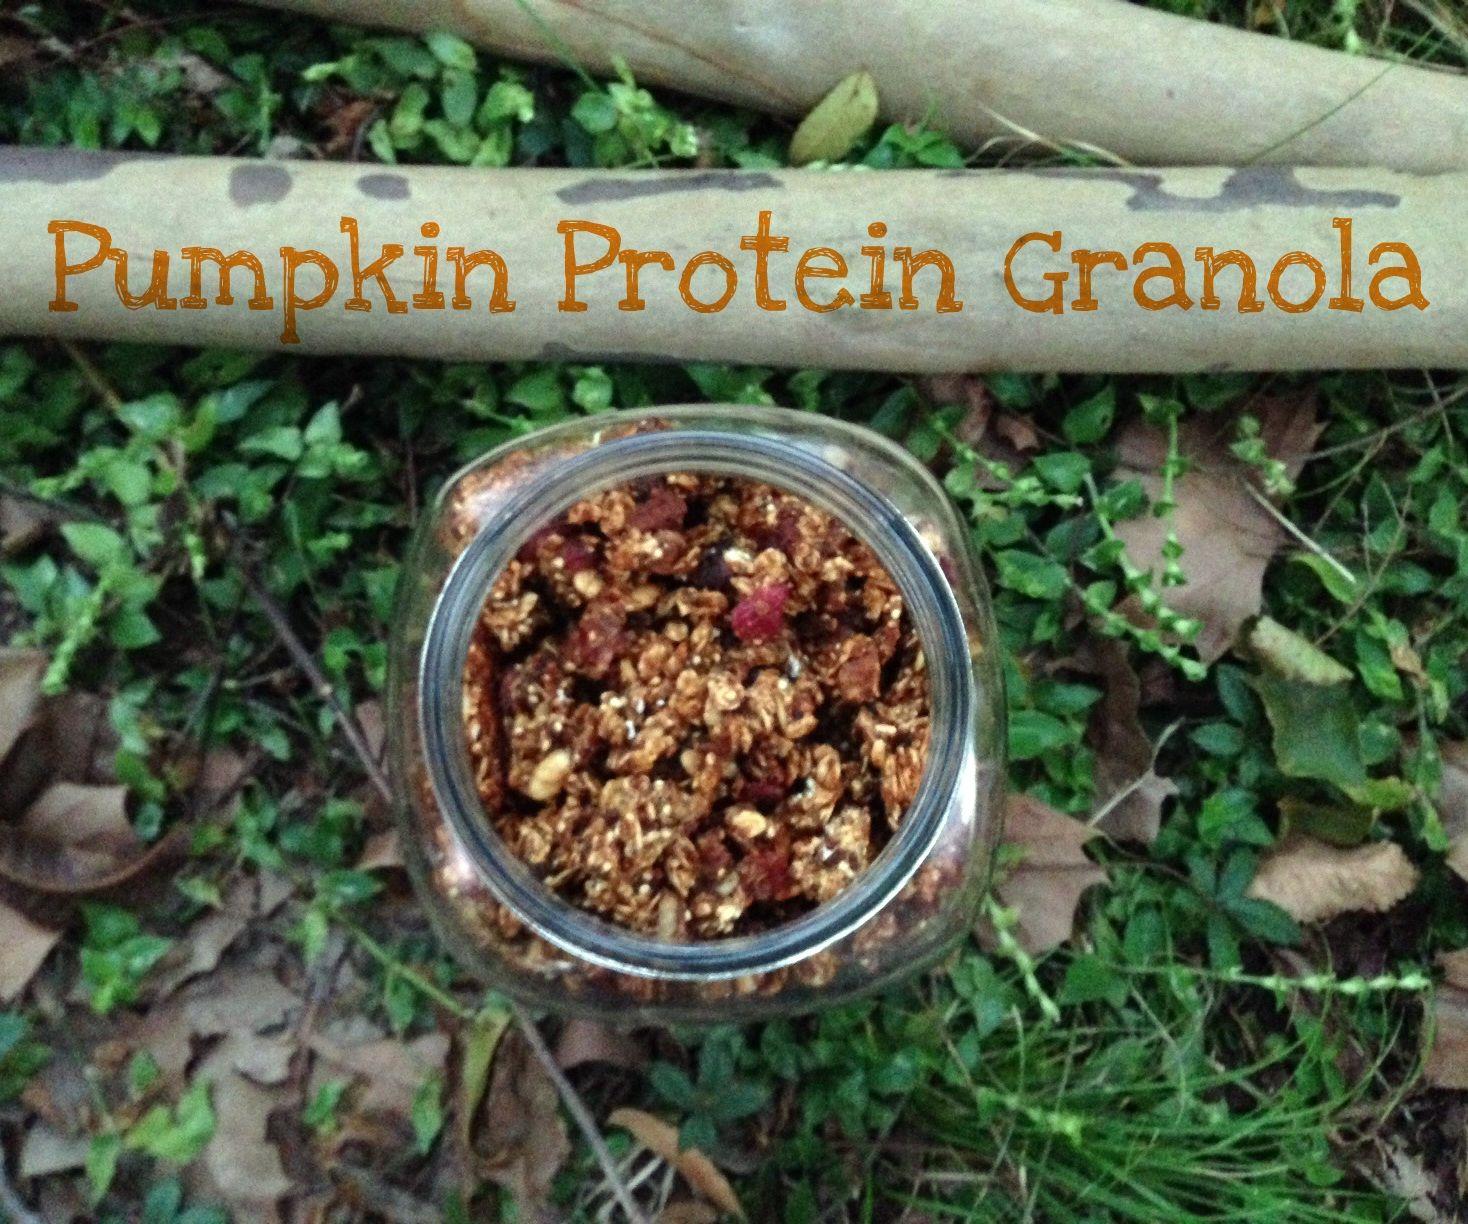 Pumpkin Protein Granola